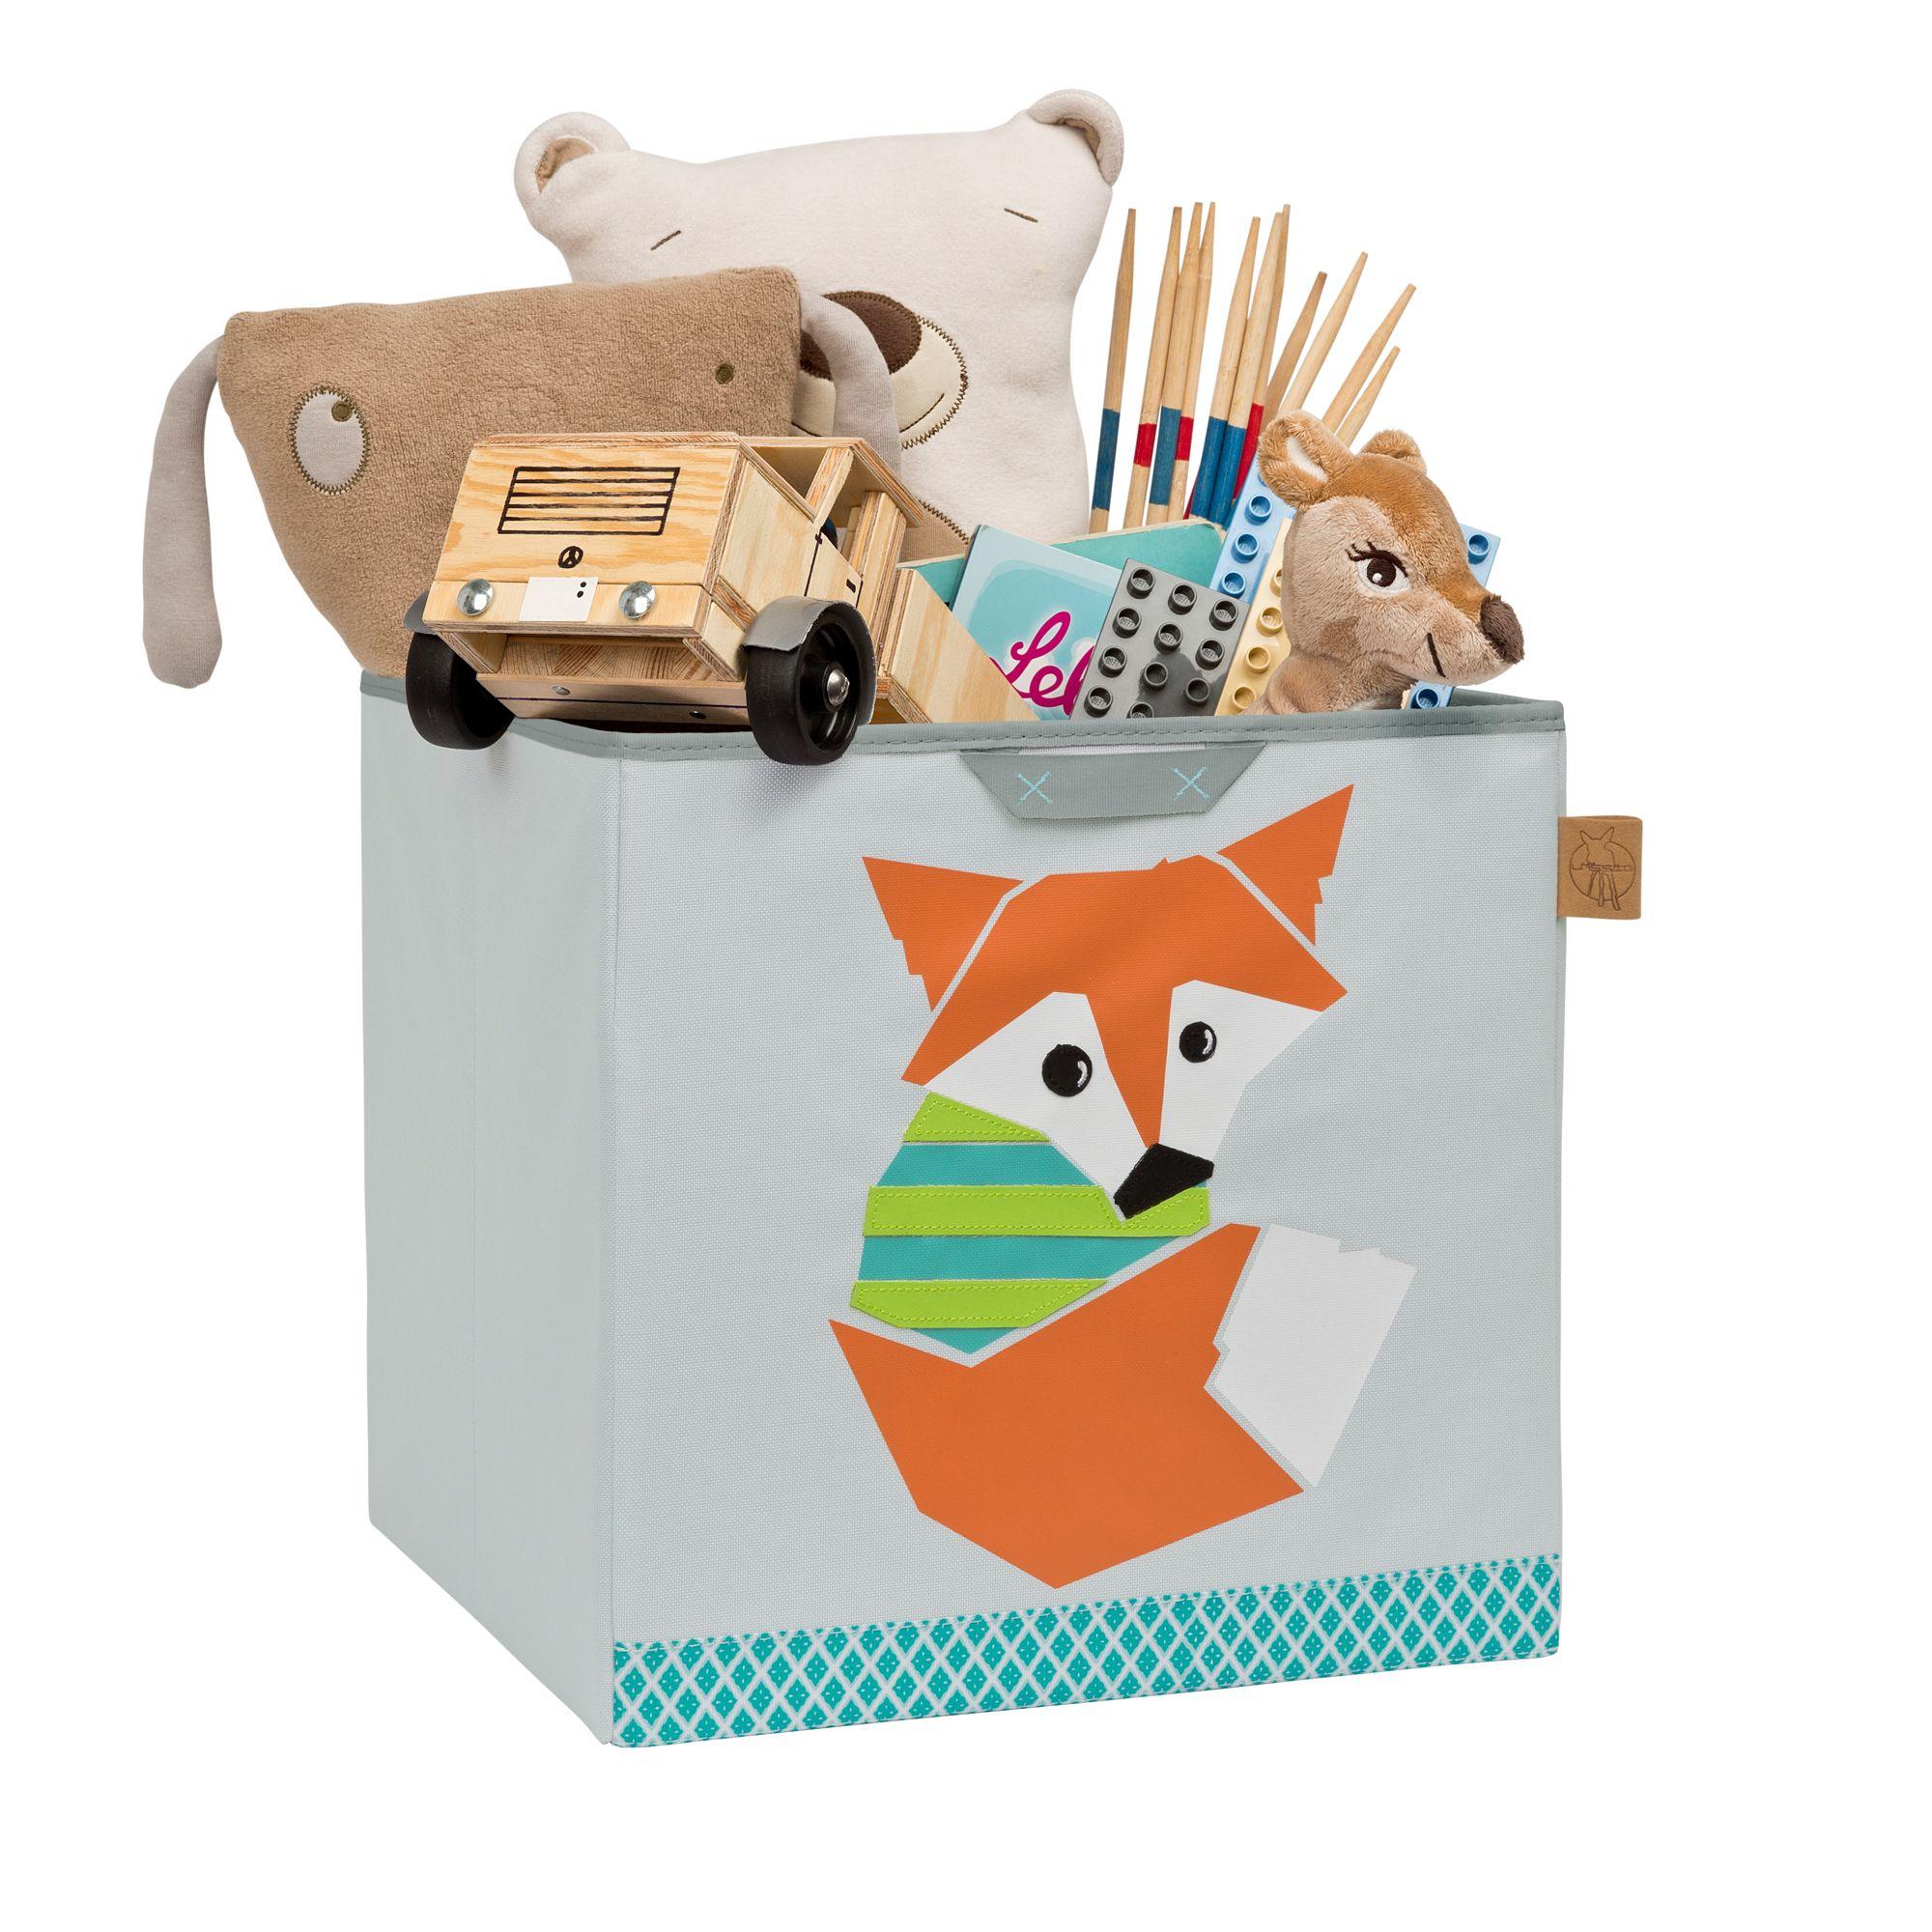 Diese Spielzeugboxen mit den fröhlichen Tiermotiven der